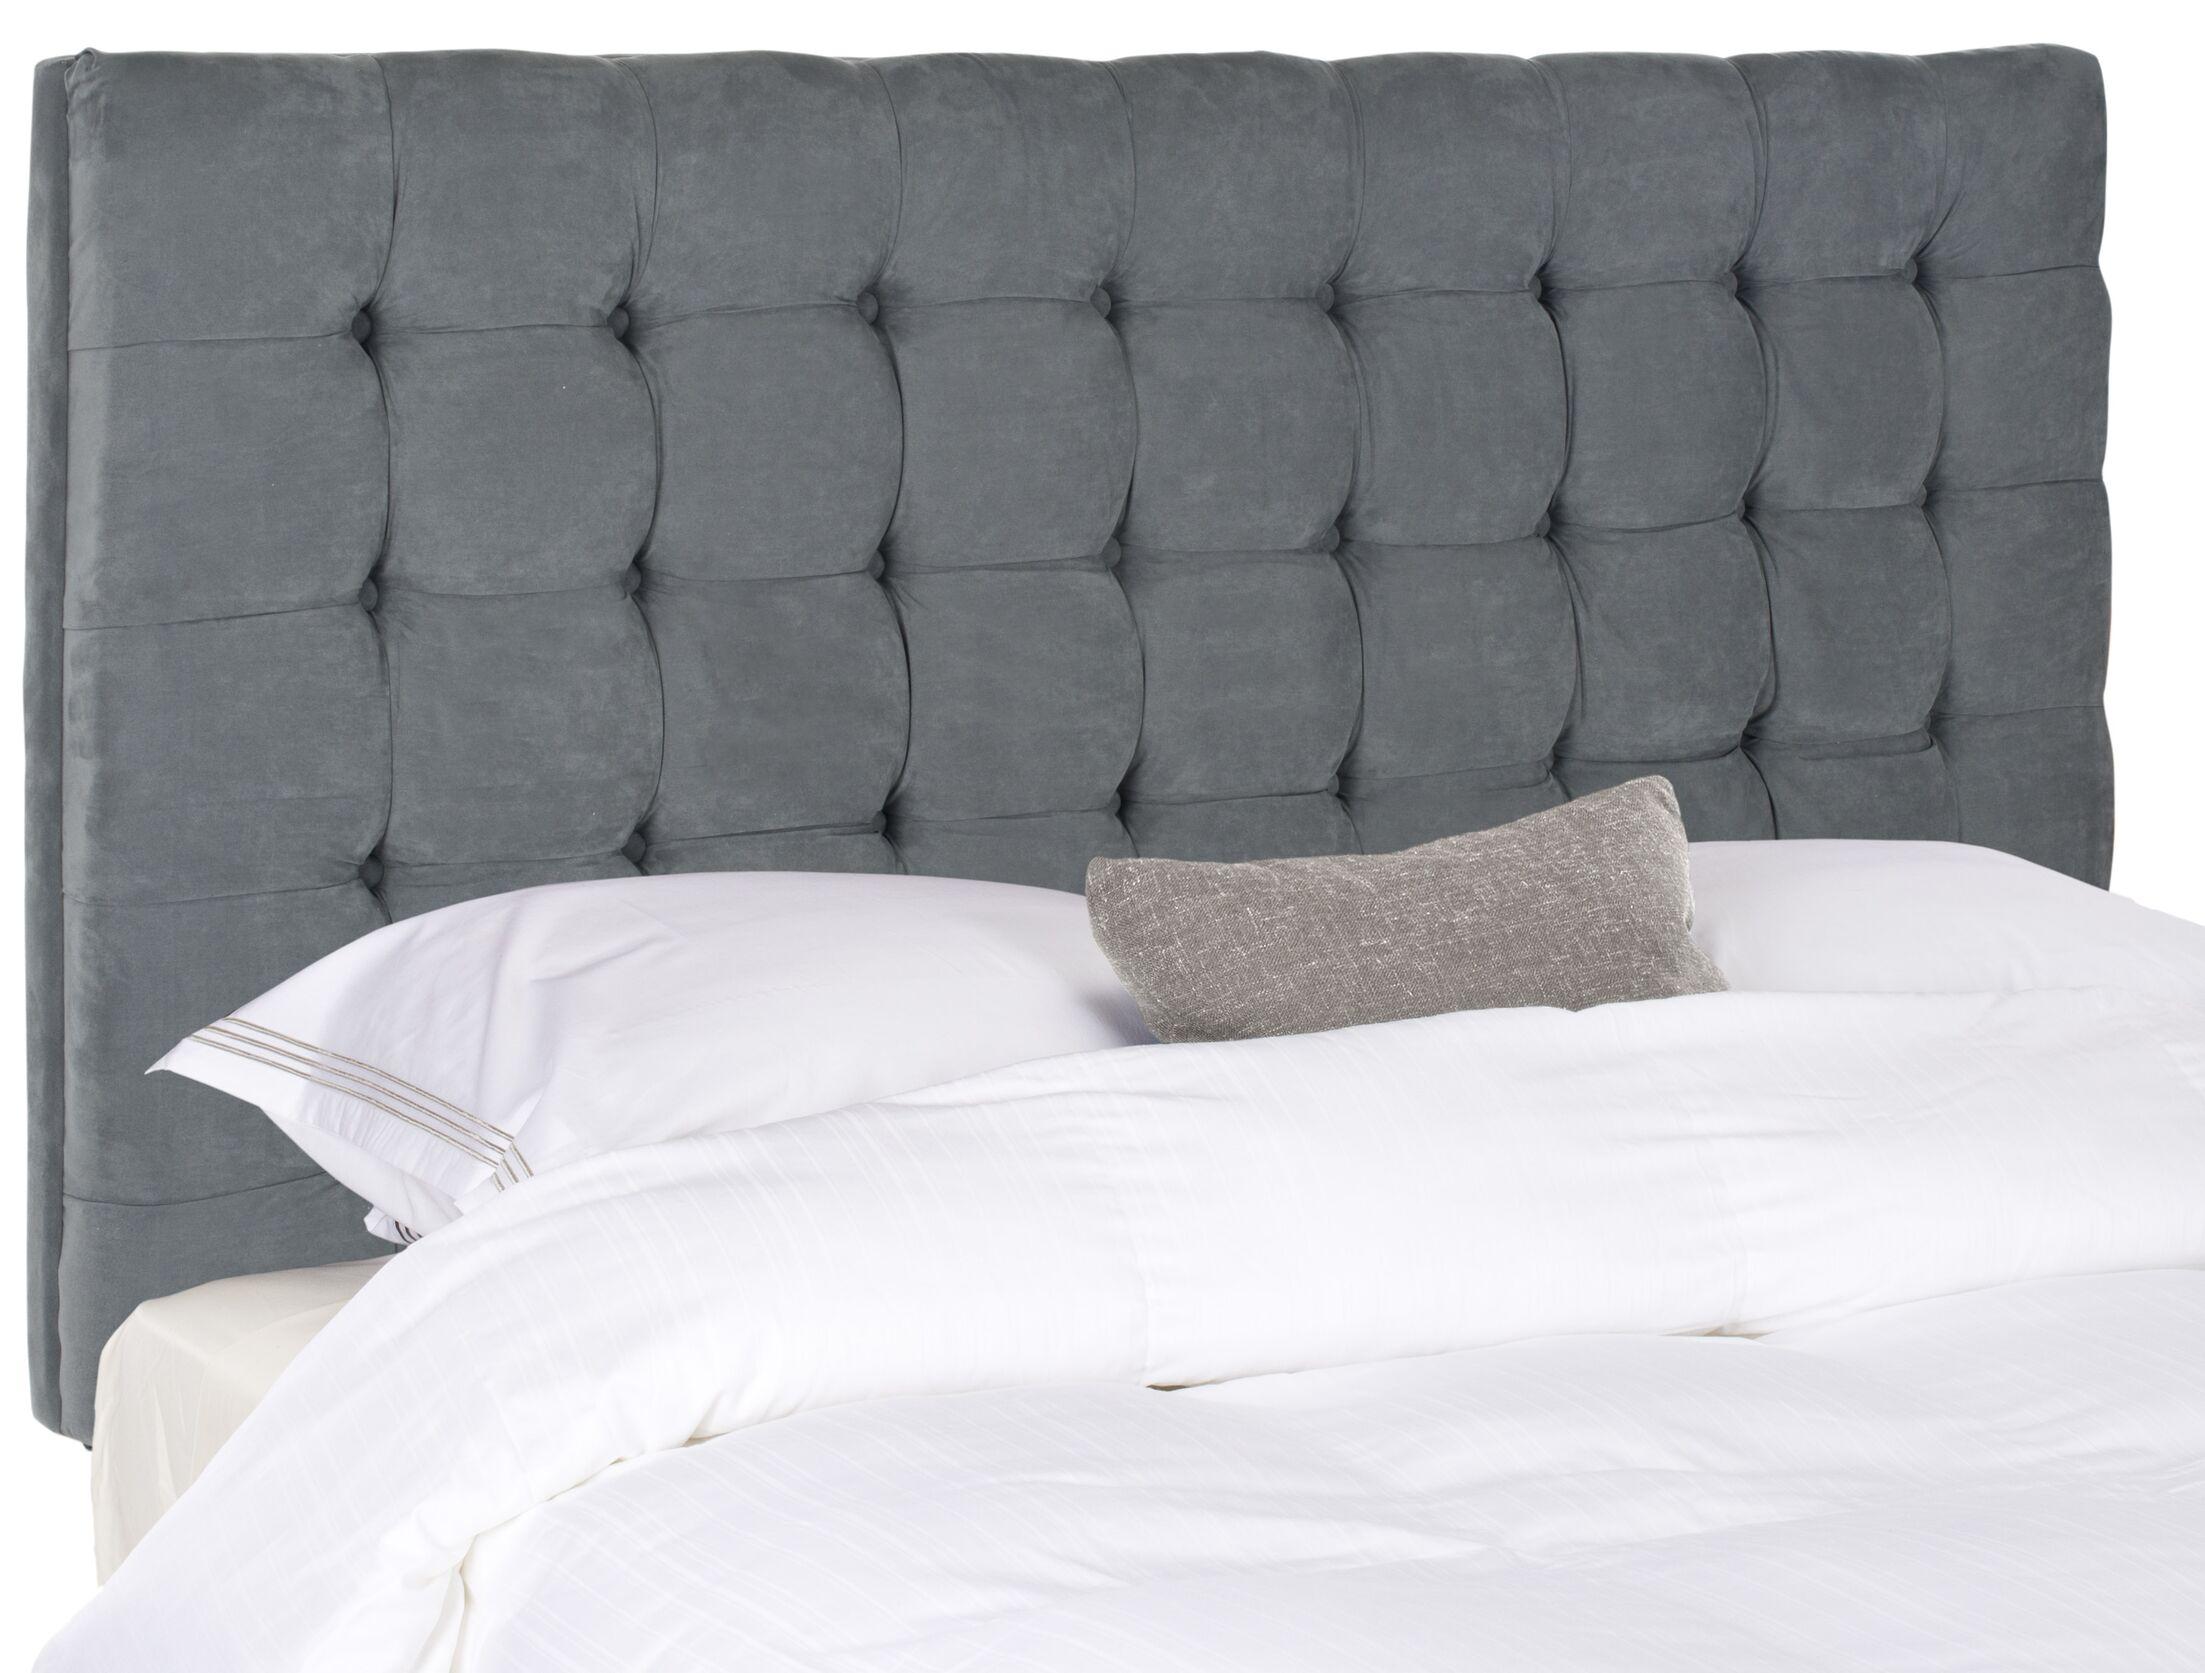 Fitch Upholstered Panel Headboard Upholstery: Velvet Gray, Size: Full